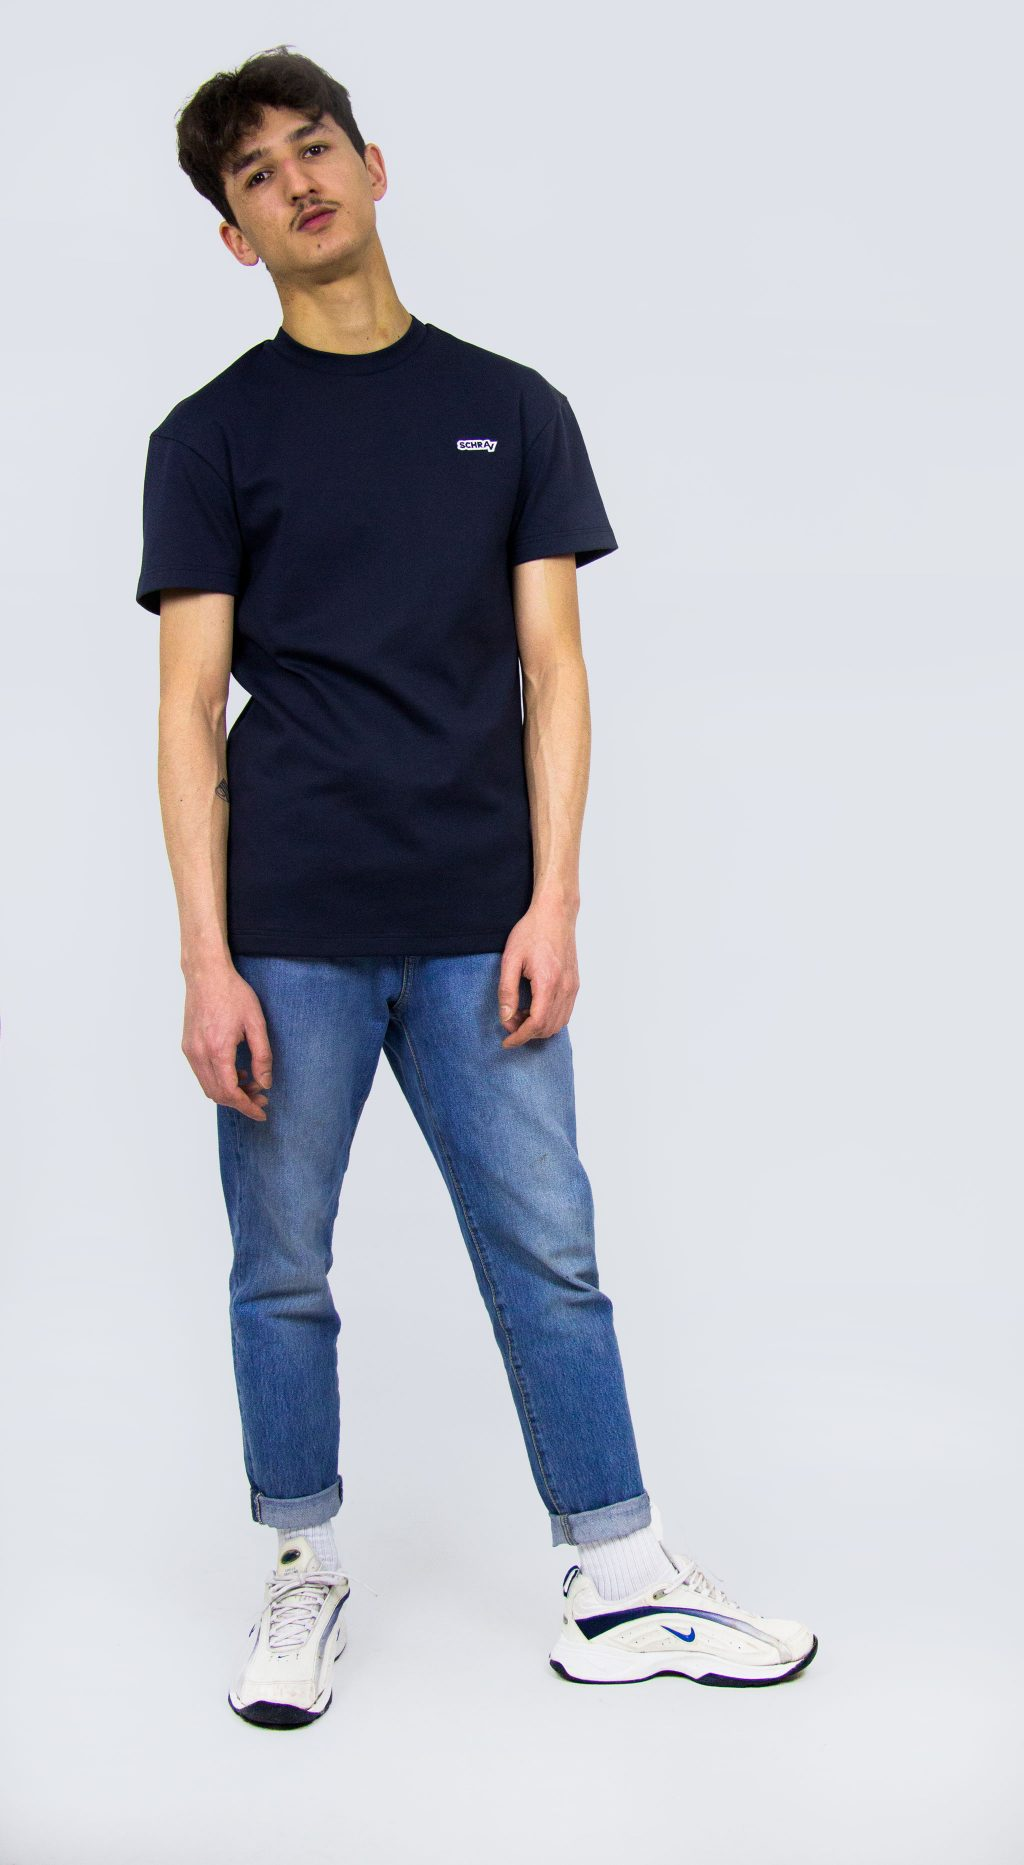 Stand_Navy_Shortsleeve_tshirt